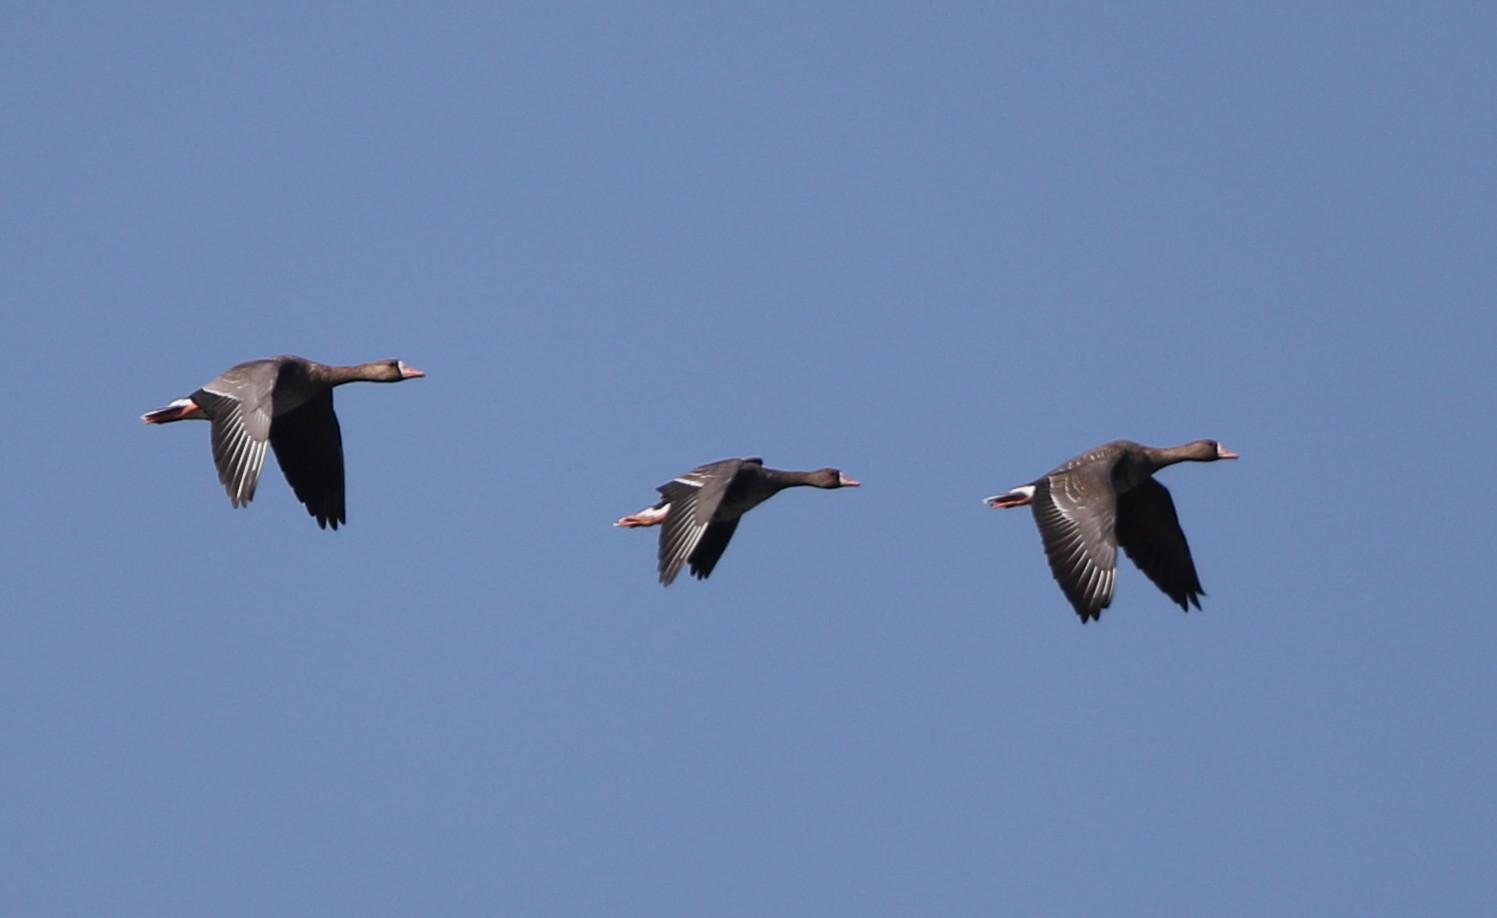 MFの沼へマガンが3羽飛来上空を旋回し飛び去る_f0239515_17301741.jpg